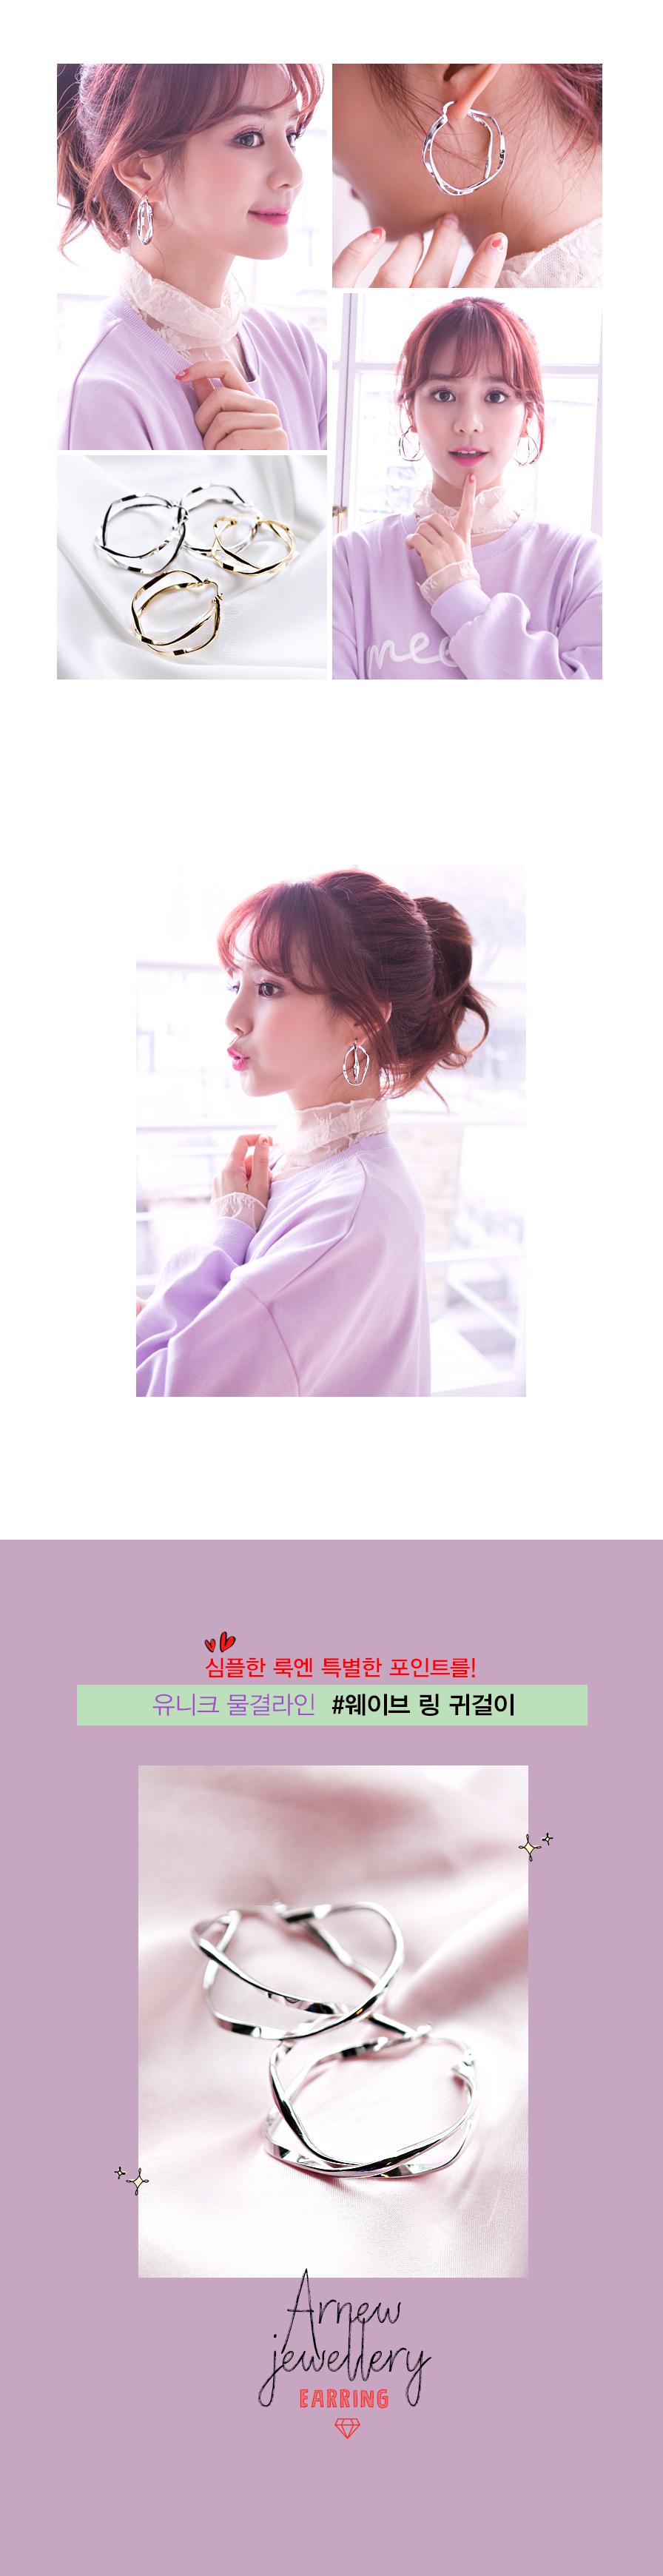 웨이브 링 귀걸이 - 아르뉴, 16,000원, 골드, 링귀걸이